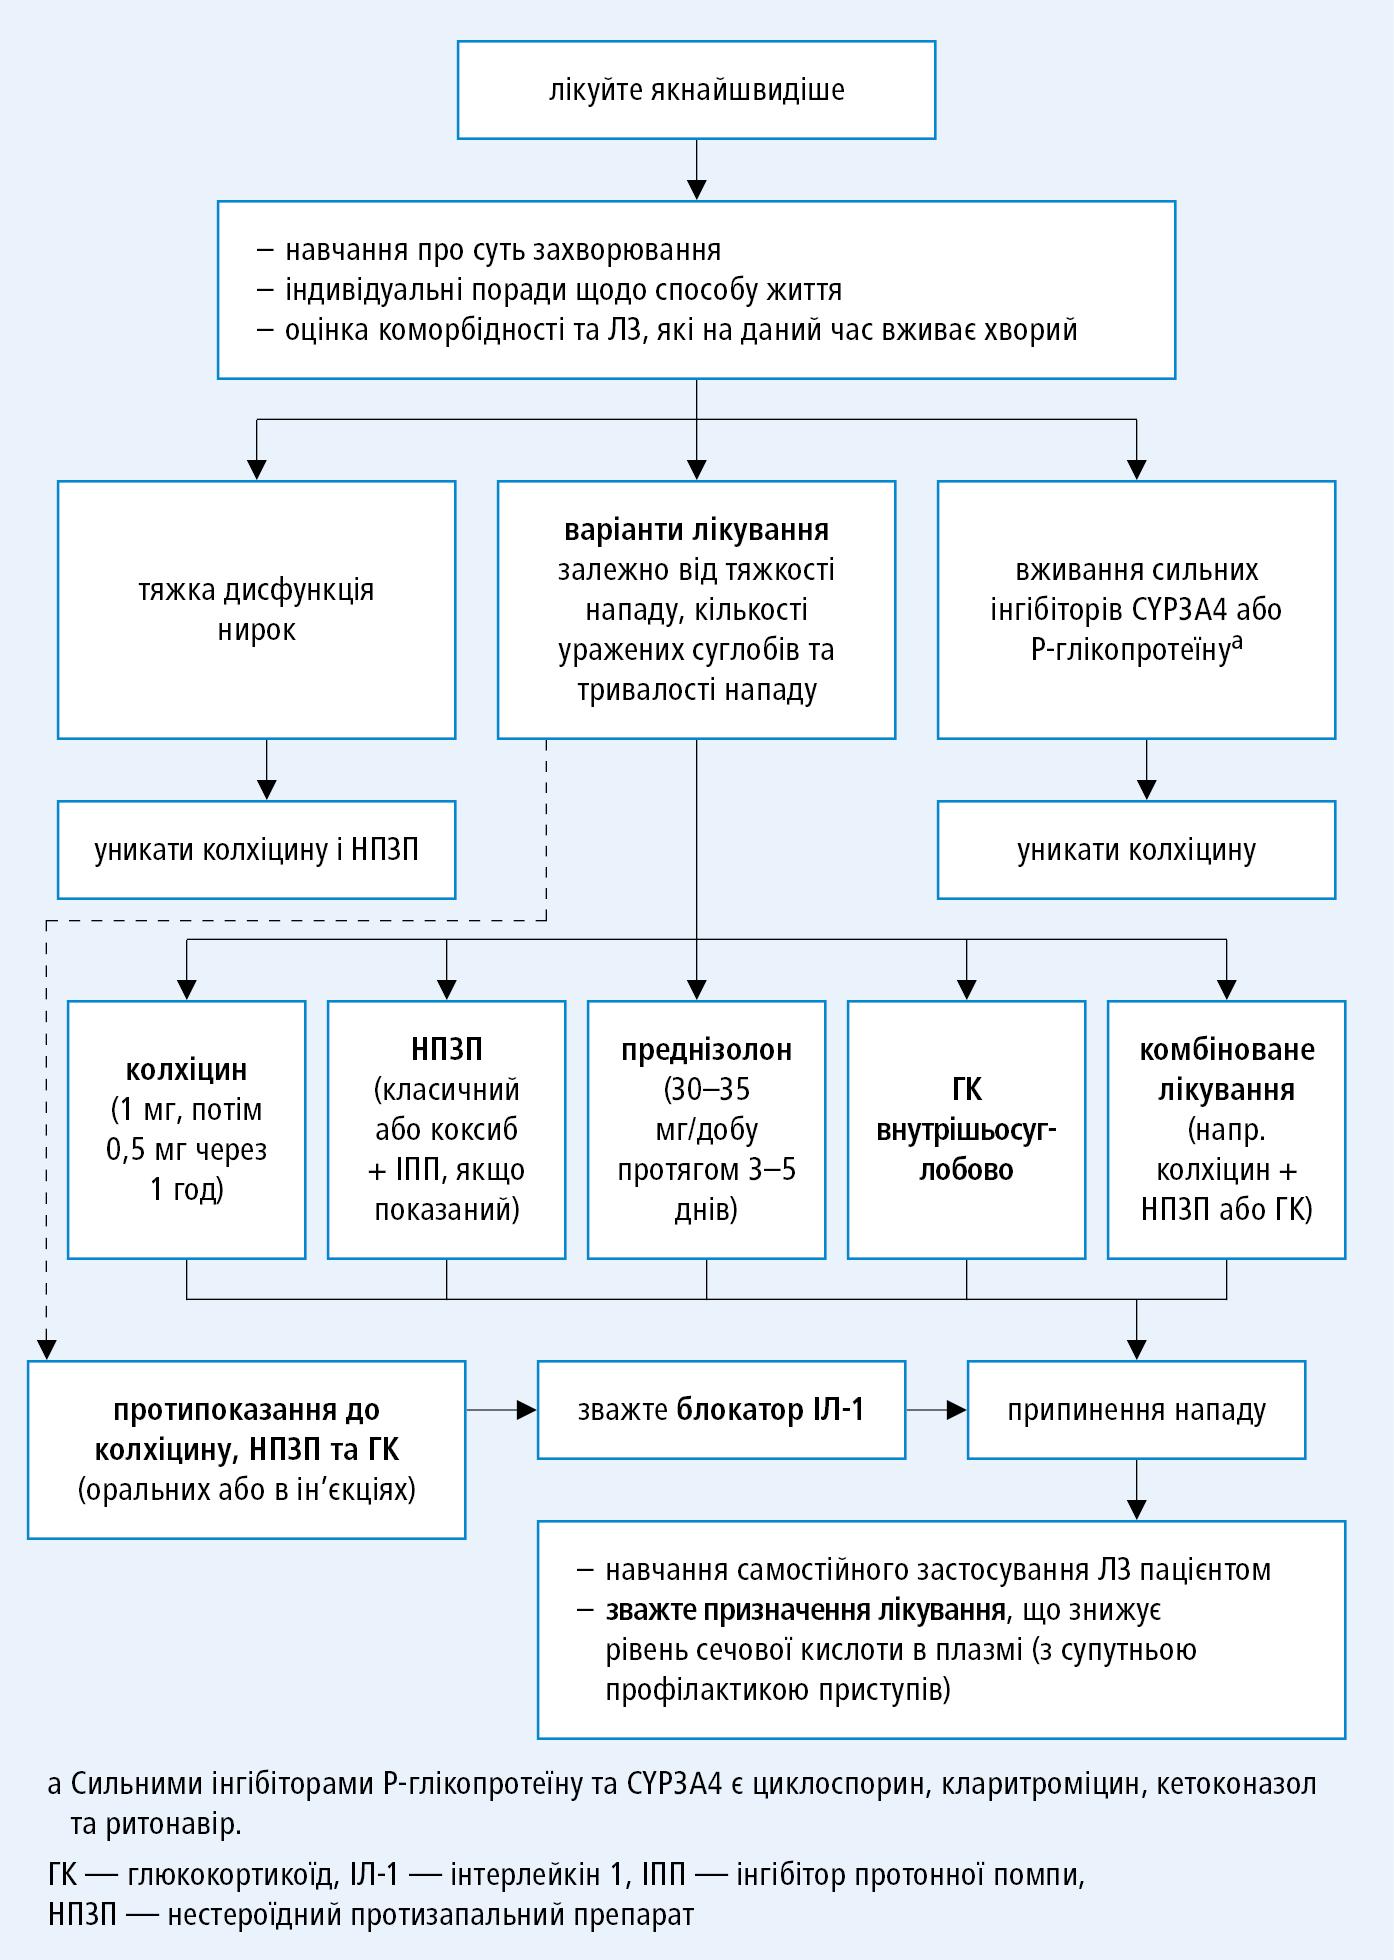 Лікування нападу подагри відповідно до рекомендацій EULAR 2016